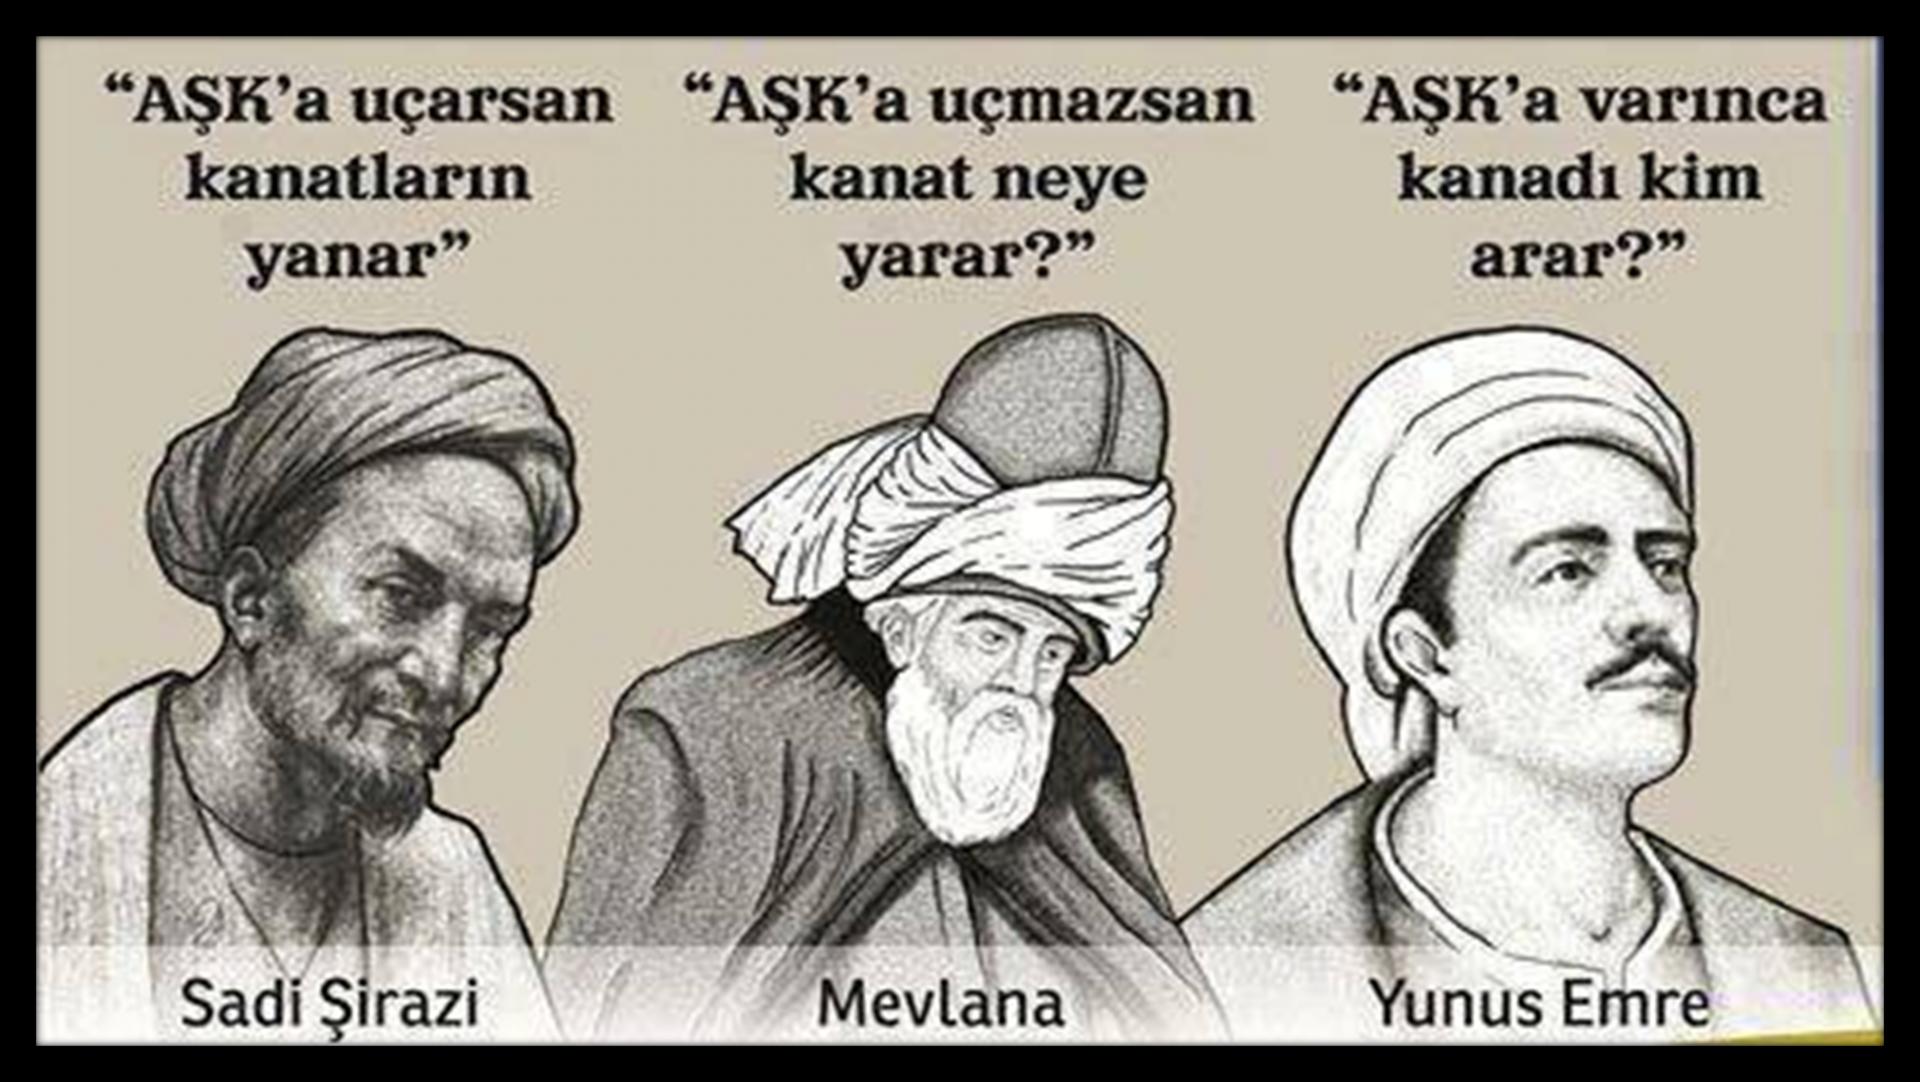 Tekke Edebiyatı-Dinî-Tasavvufi Halk Edebiyatı Nazım (Şiir) Türleri